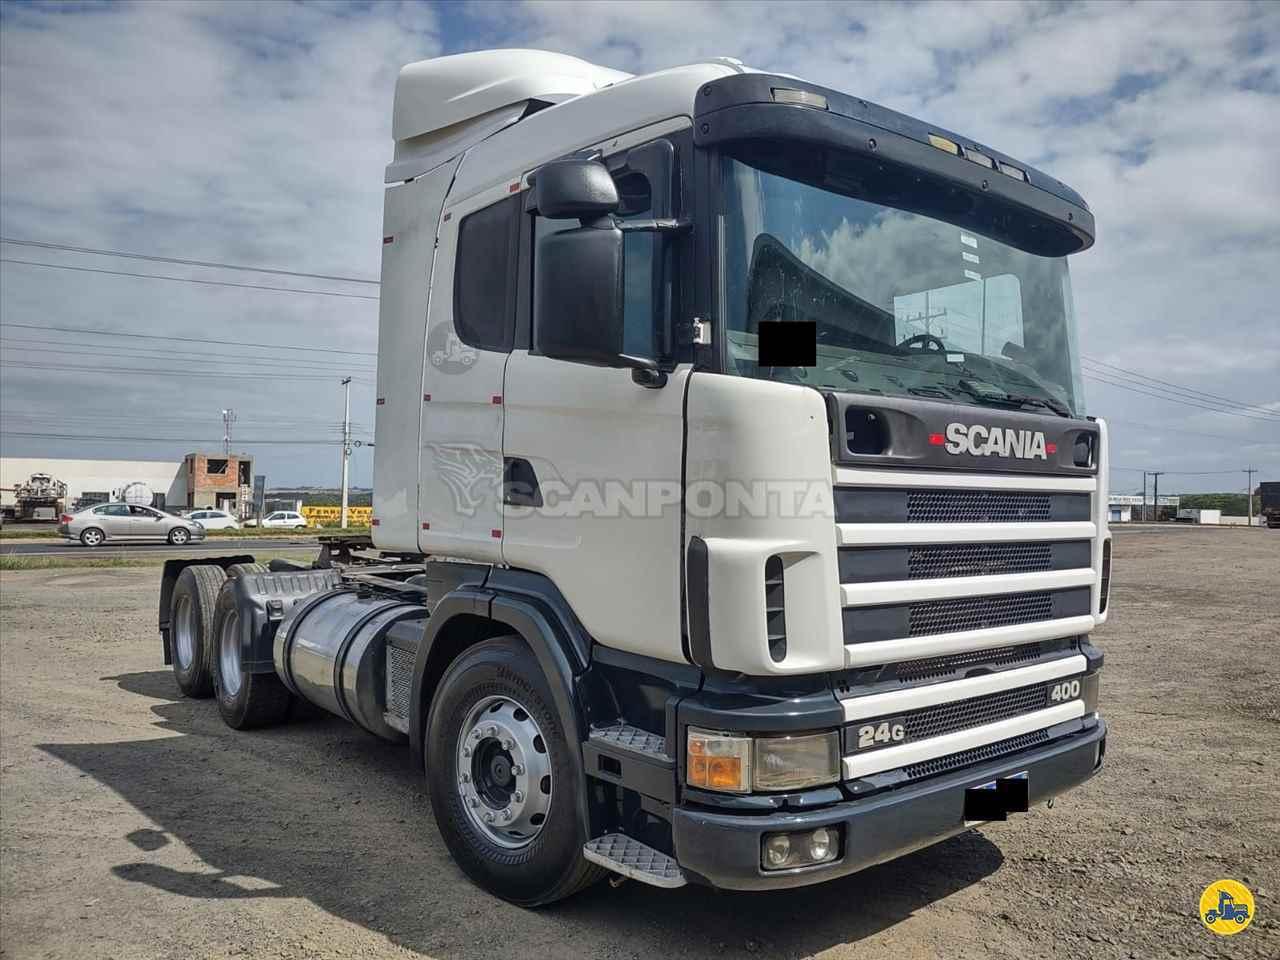 CAMINHAO SCANIA SCANIA 124 400 Cavalo Mecânico Truck 6x2 Scanponta Caminhões Peças e Serviços PONTA GROSSA PARANÁ PR